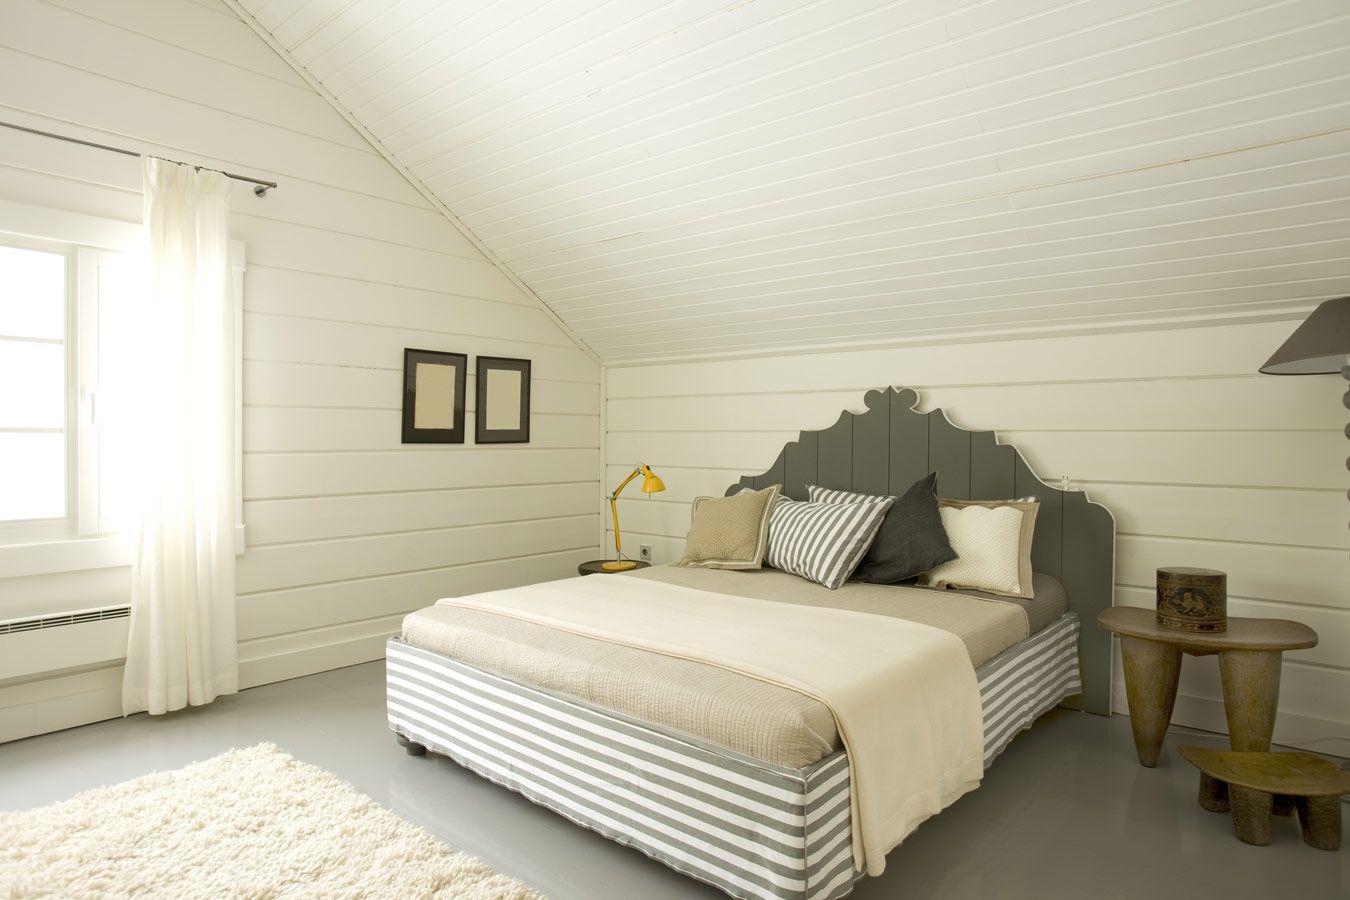 Romantische landelijke slaapkamer met houten muren slaapkamer pinterest bedrooms and house - Romantische slaapkamer ...